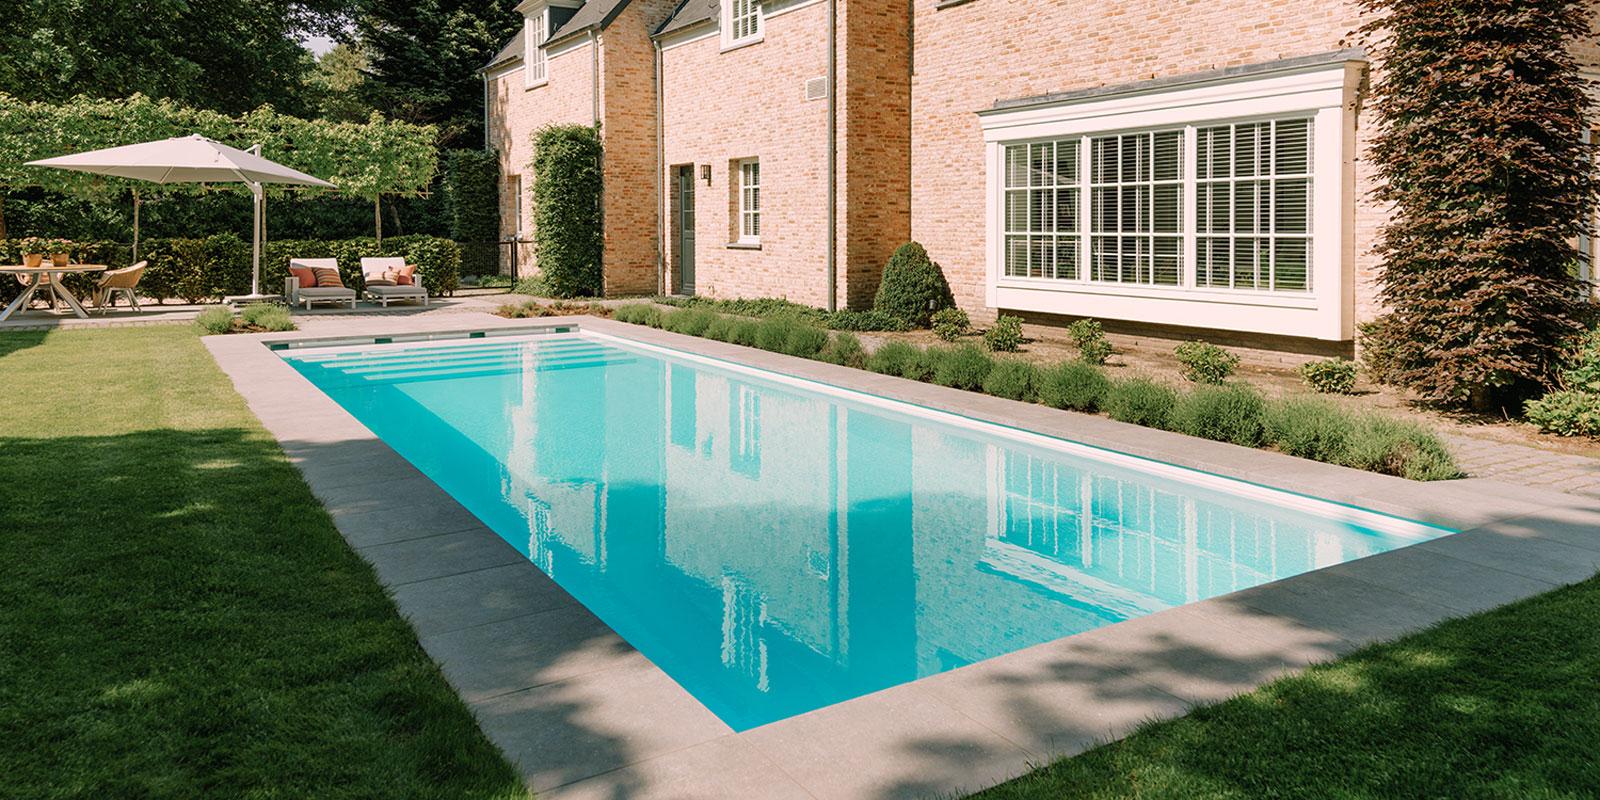 buitenzwembad, Art Starline, modern, zwembad in tuin, eigen zwembad